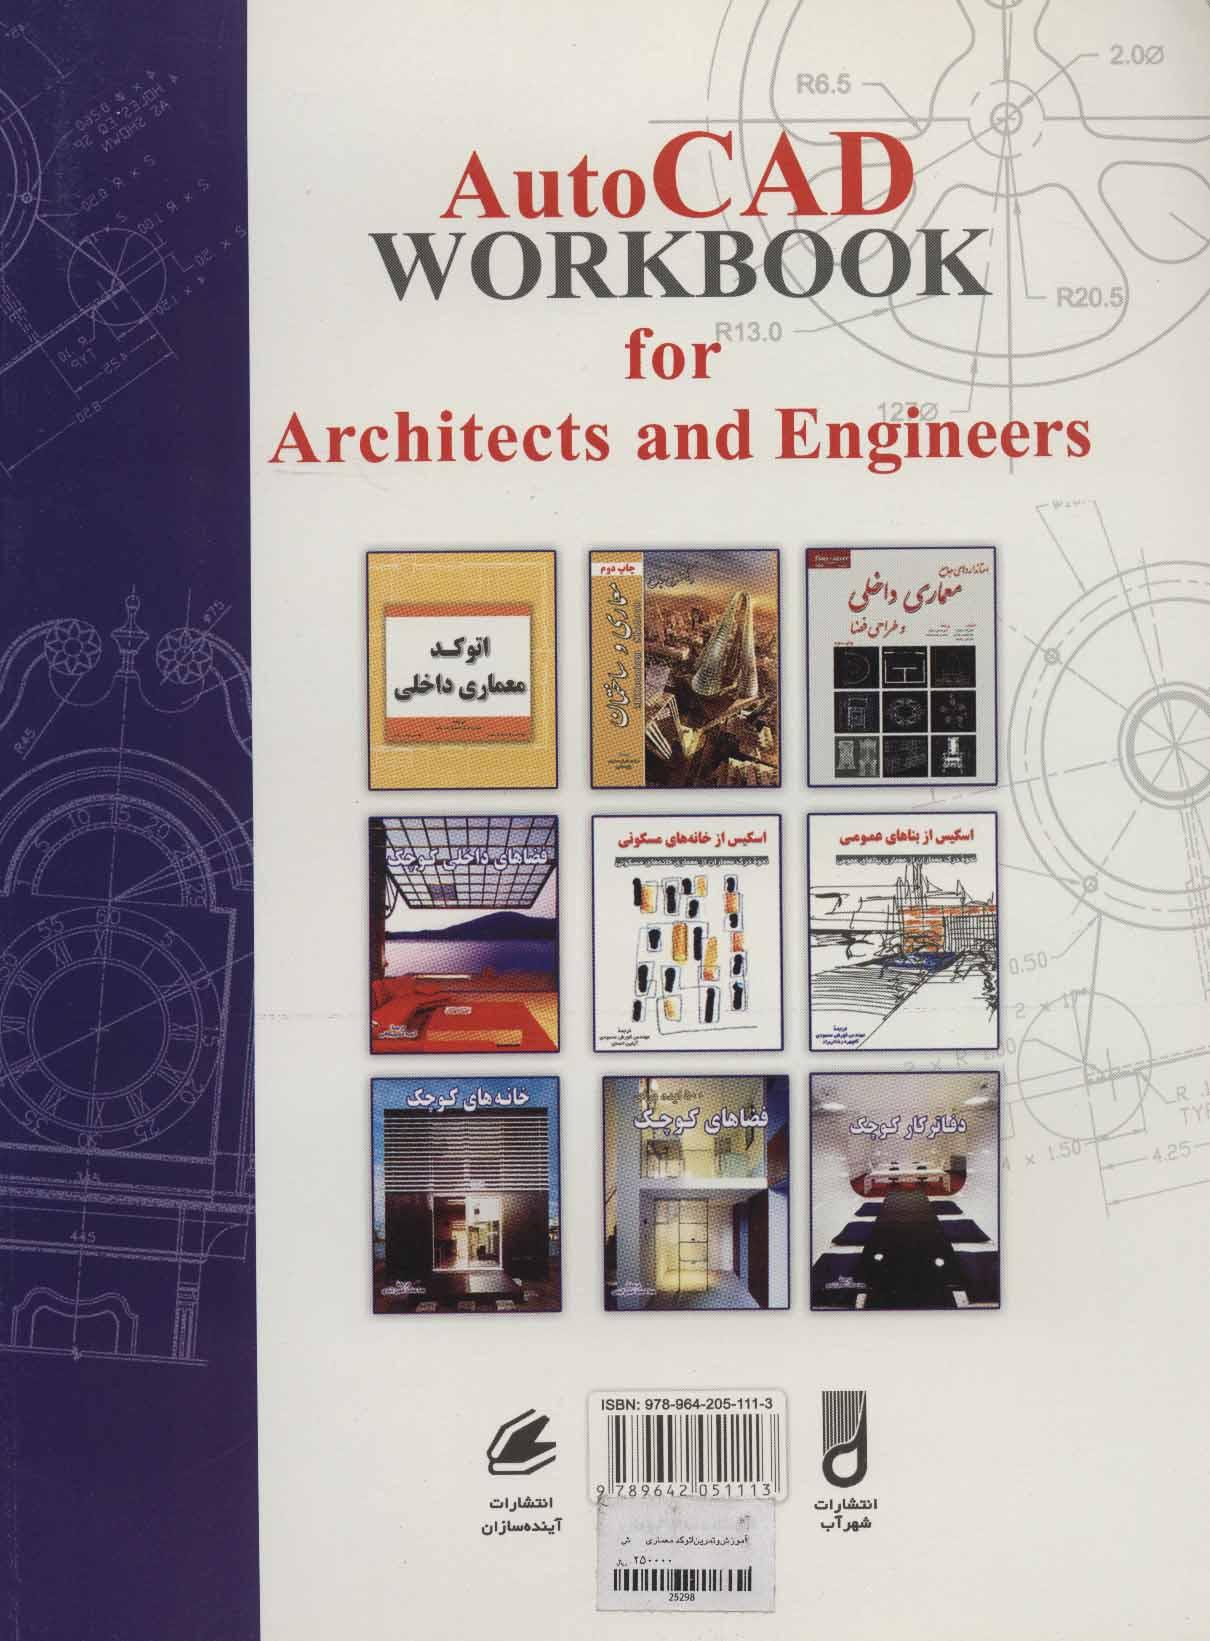 آموزش و تمرین اتوکد معماری